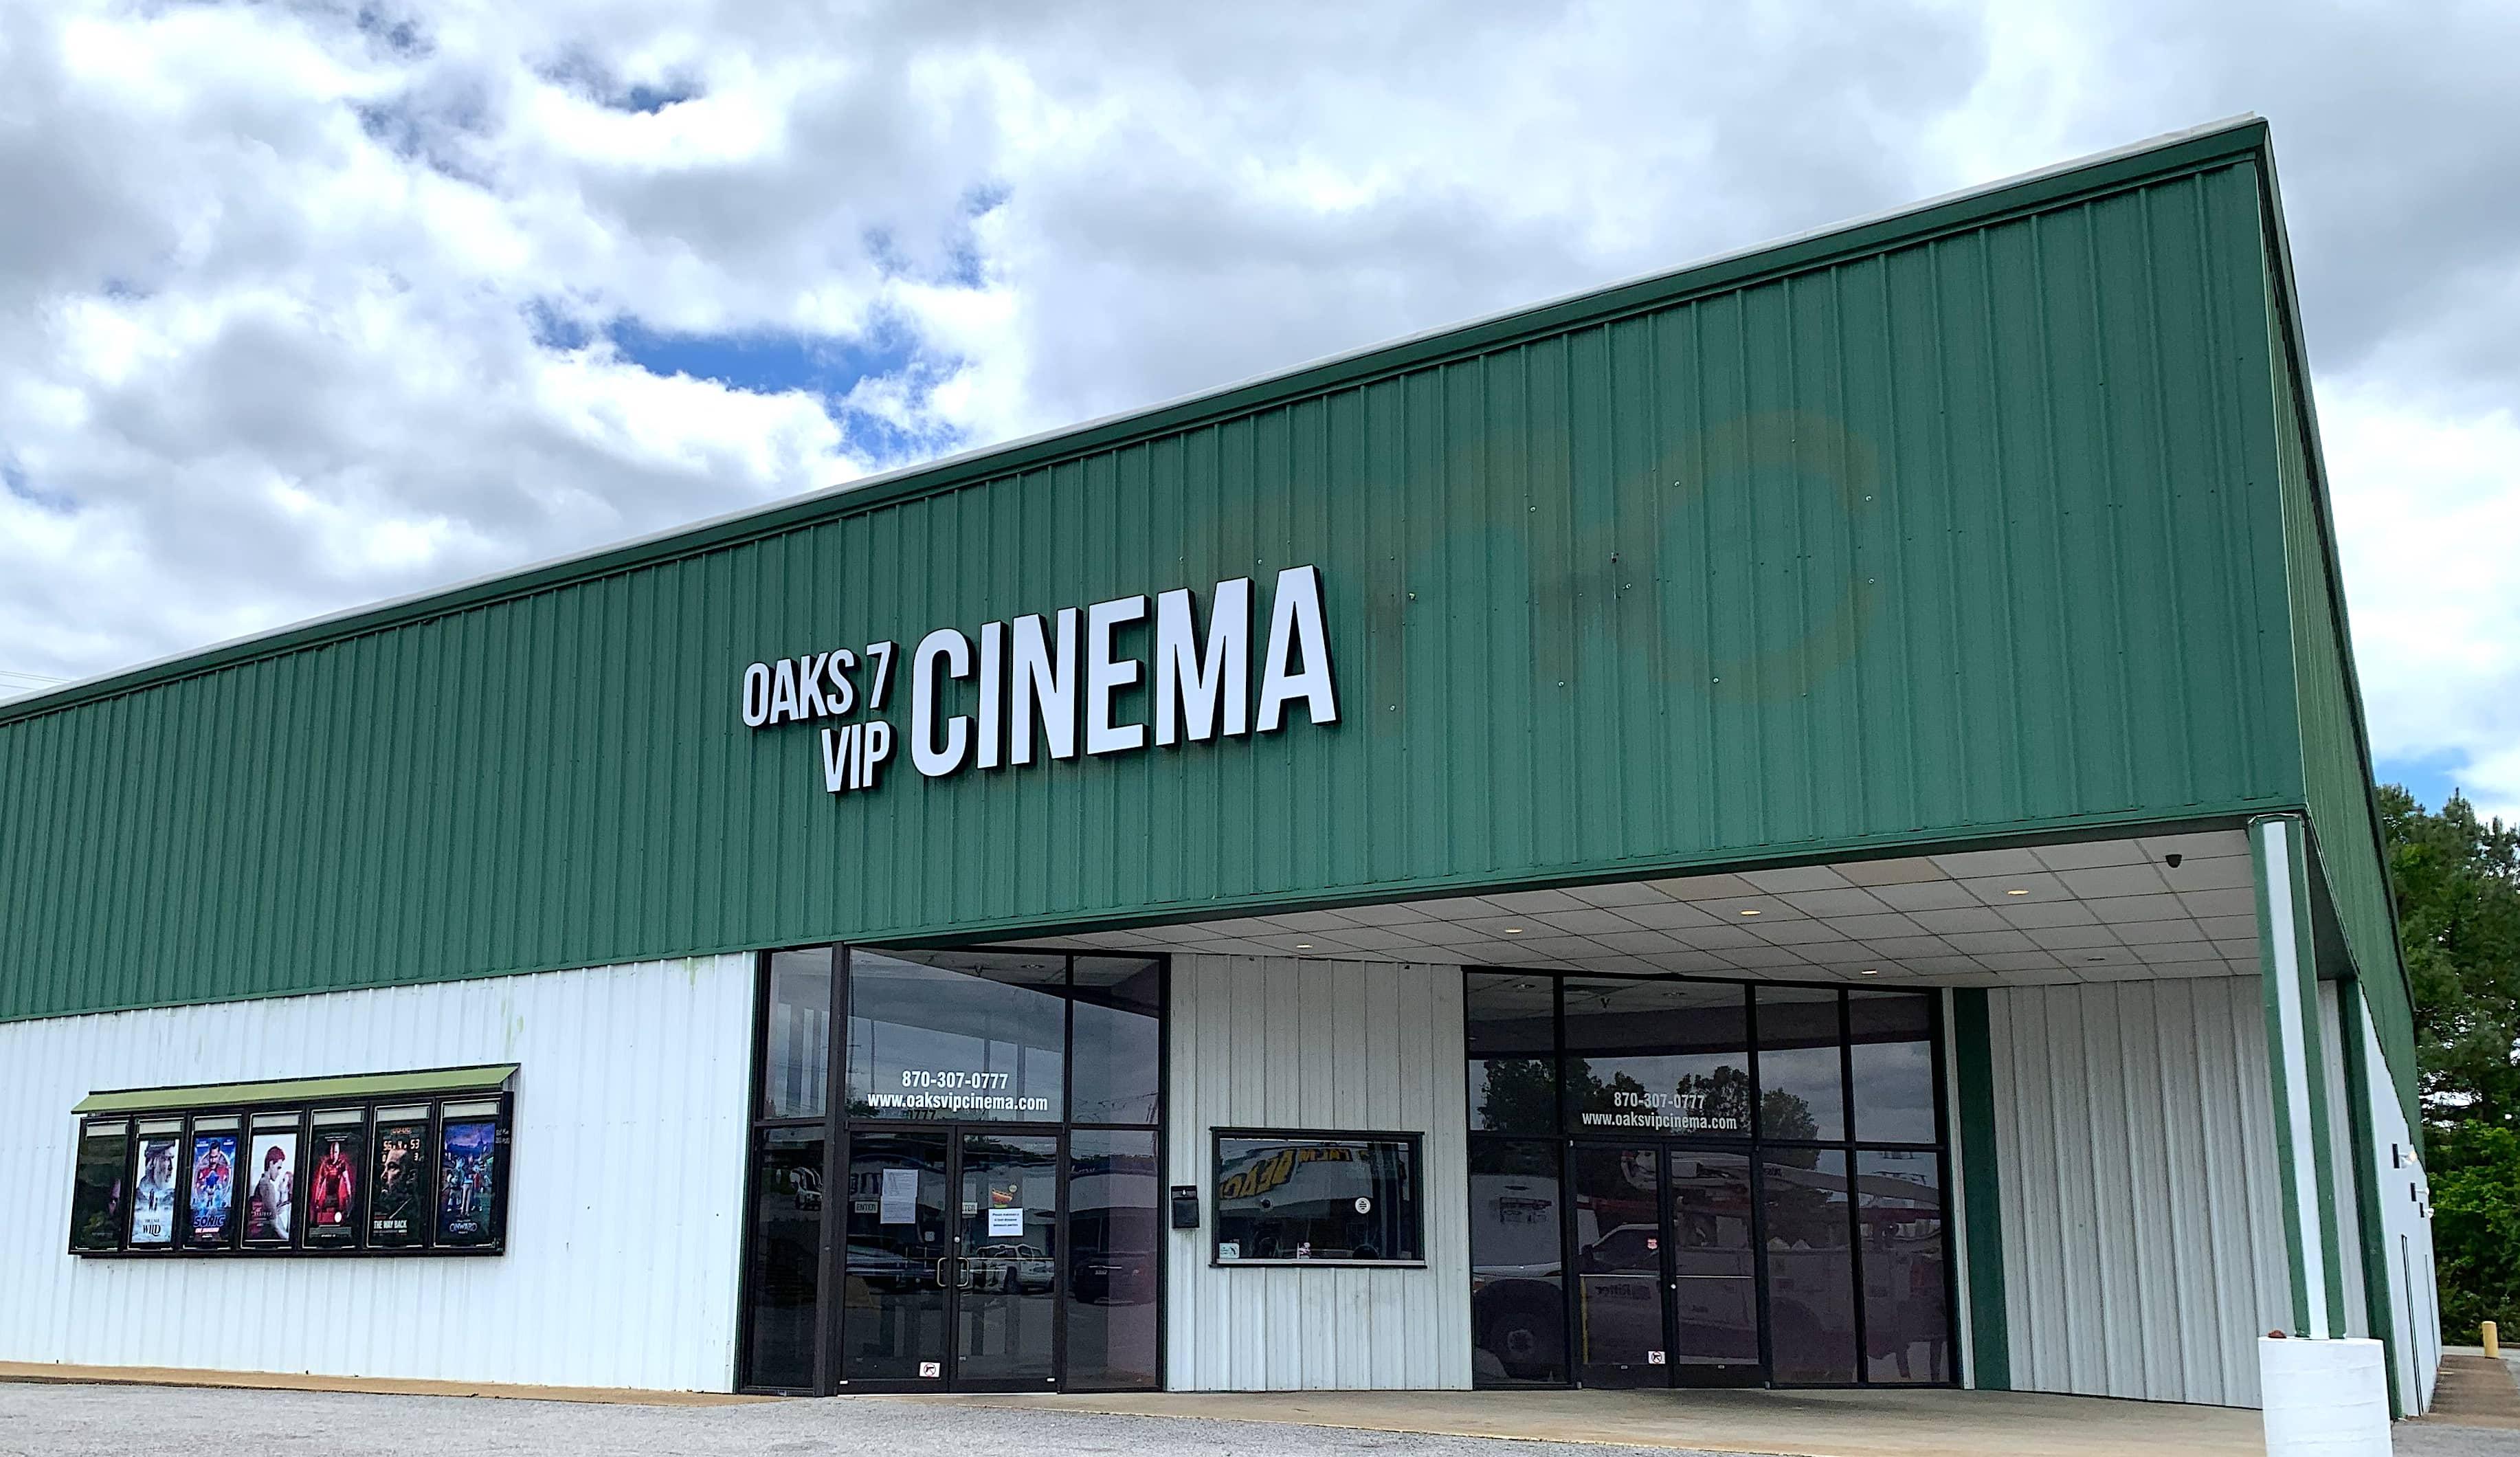 Oaks 7 Cinema